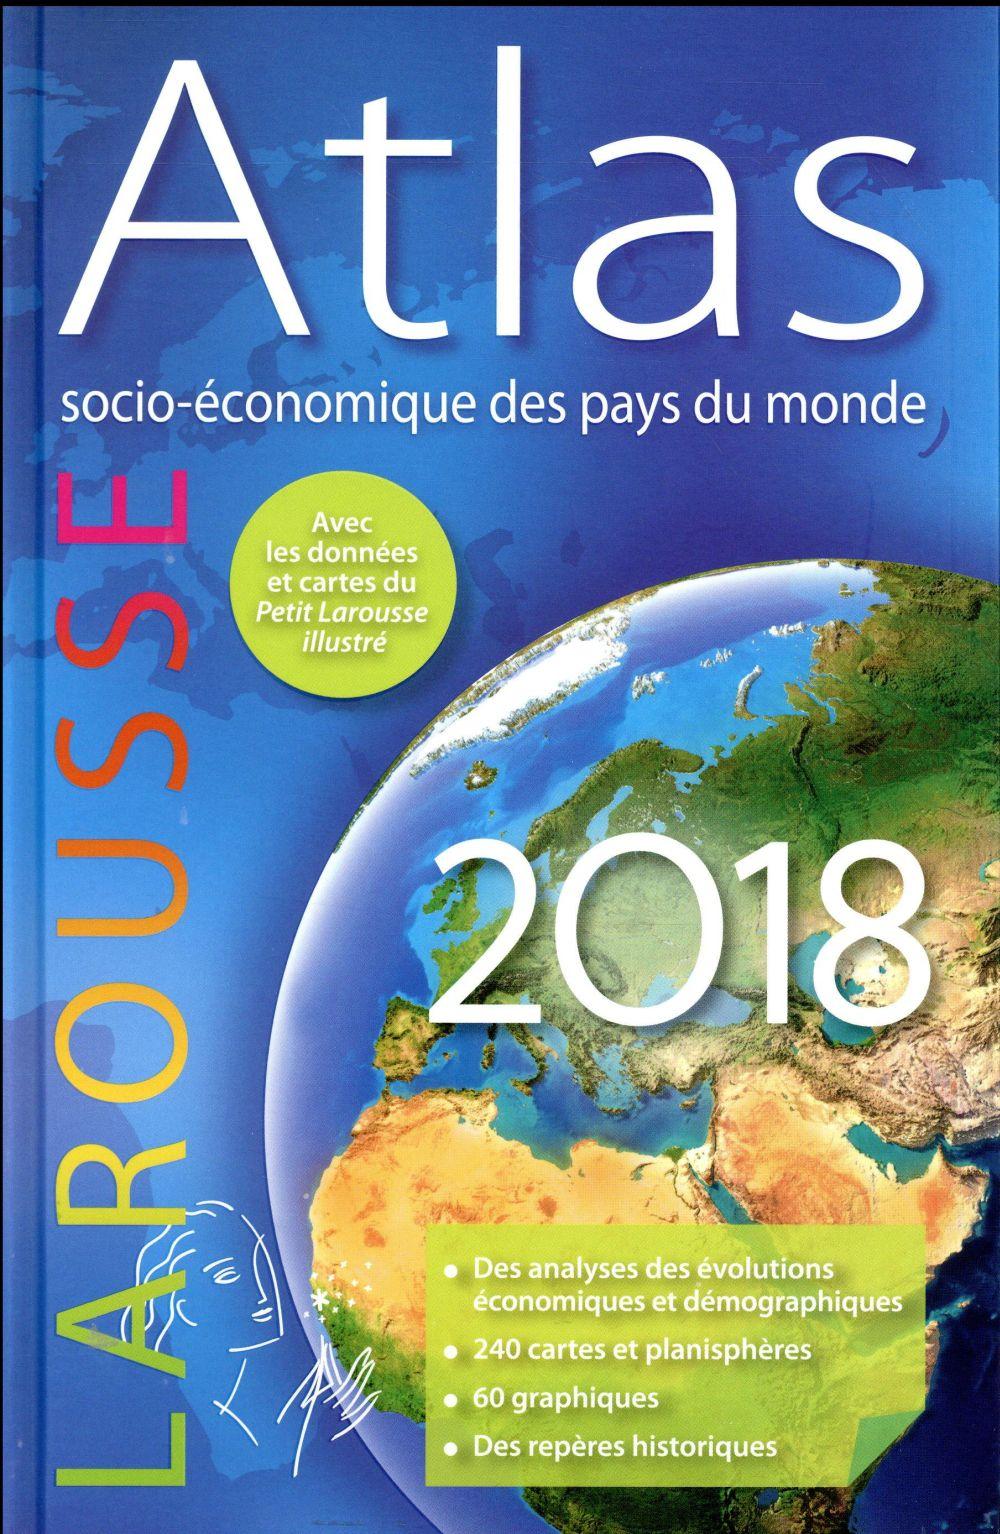 ATLAS SOCIO-ECONOMIQUE DES PAYS DU MONDE 2018 XXX Larousse